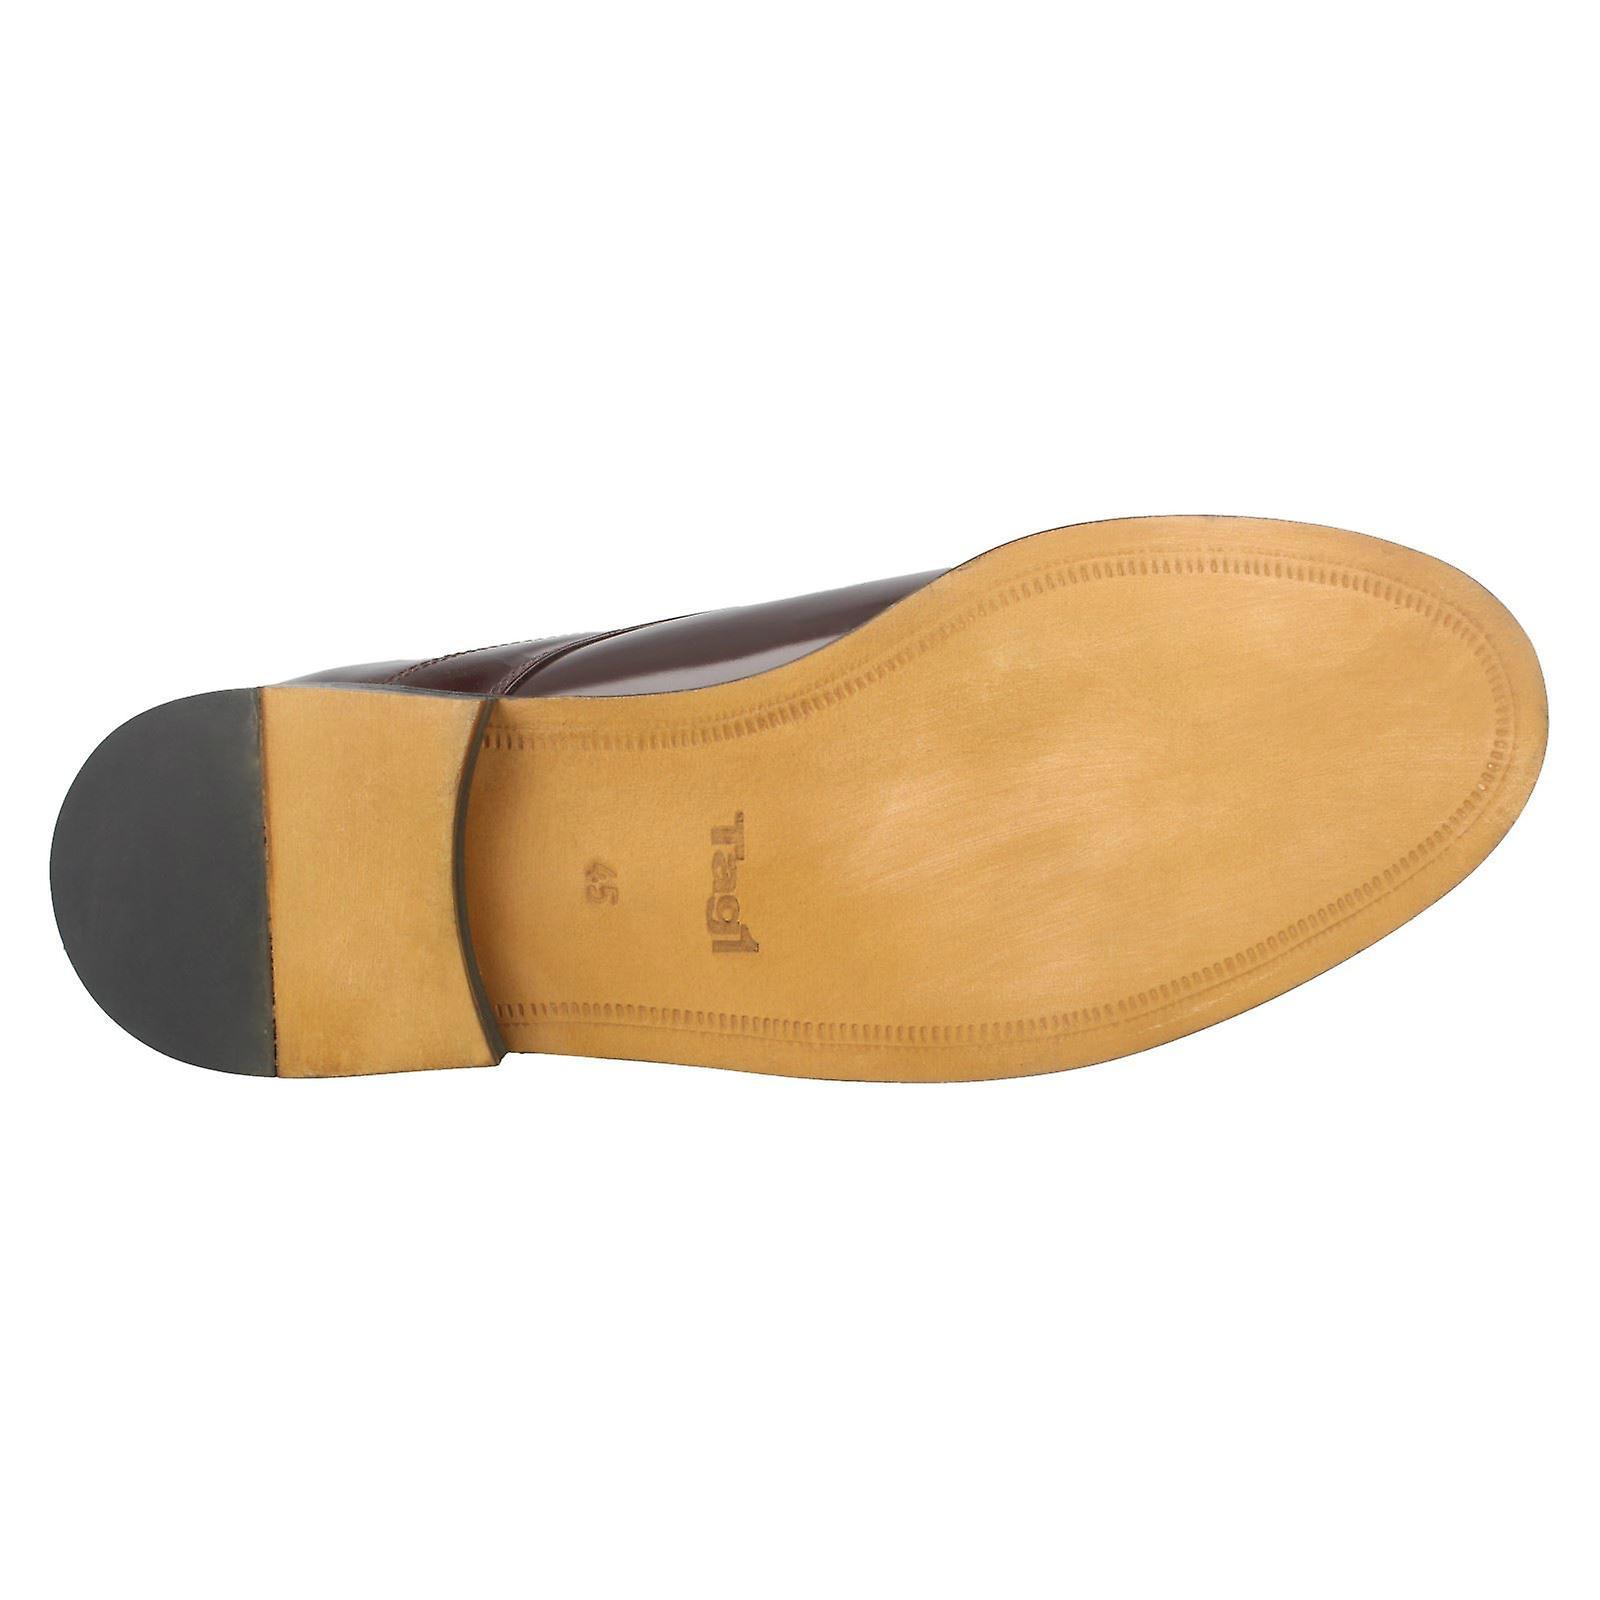 Mens Tag1 formale lacci scarpe OX-01 4aKIui